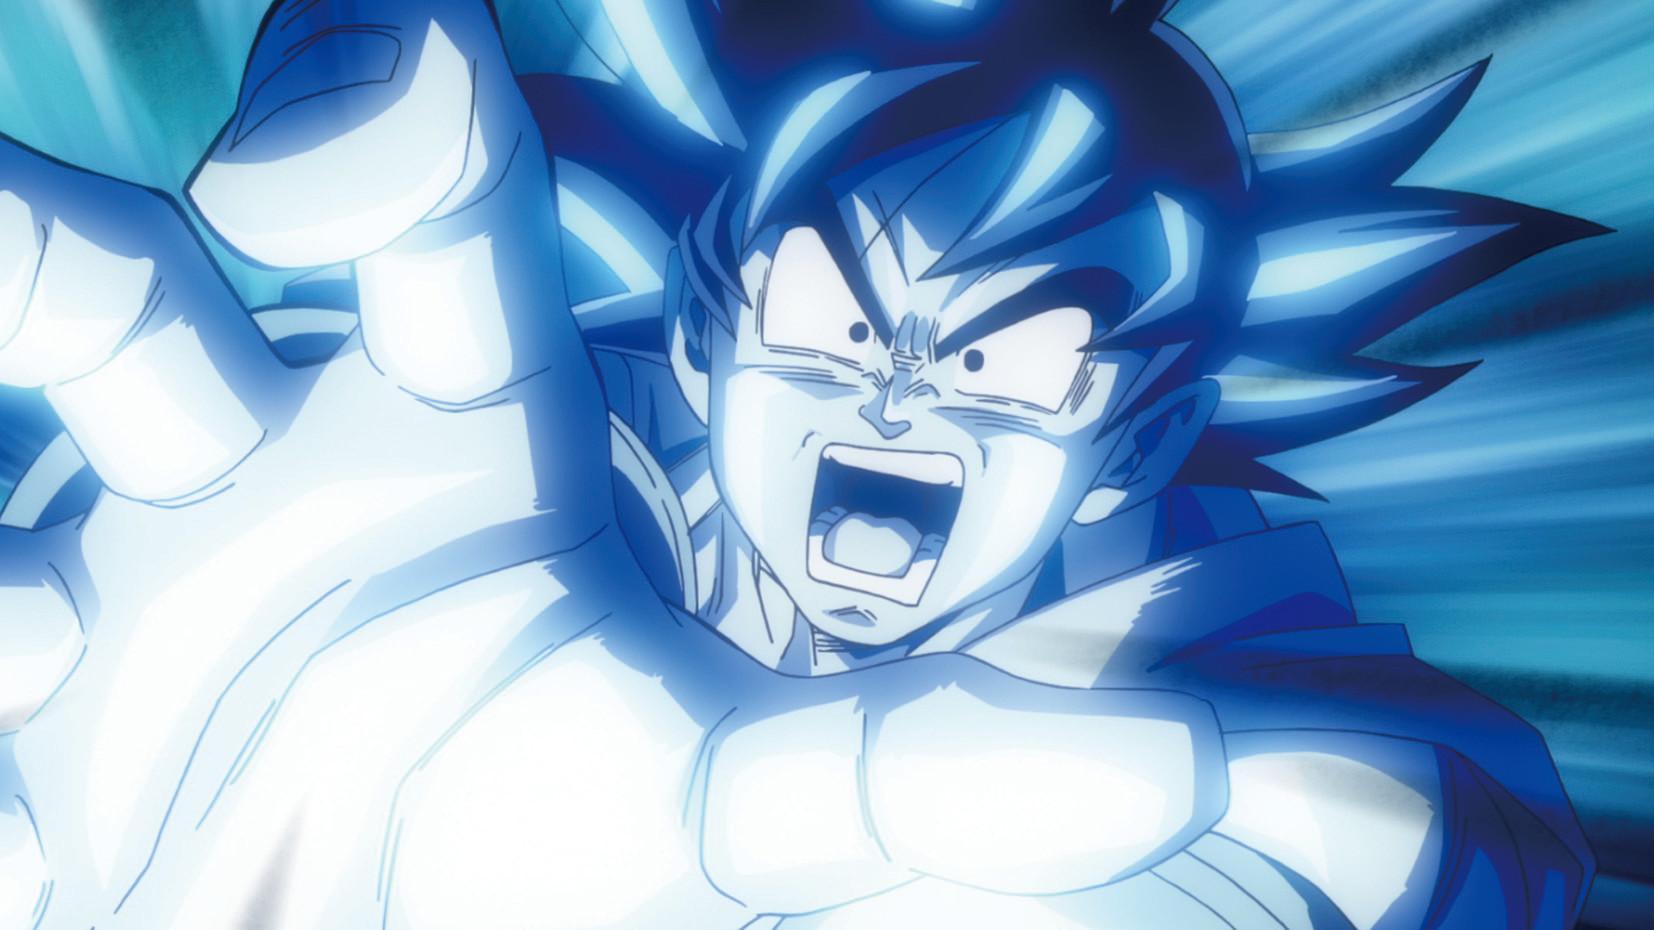 Dragon Ball: Goku có thể làm gì nếu không có sức mạnh của người Saiyan? Dragon-Ball-game4v-1